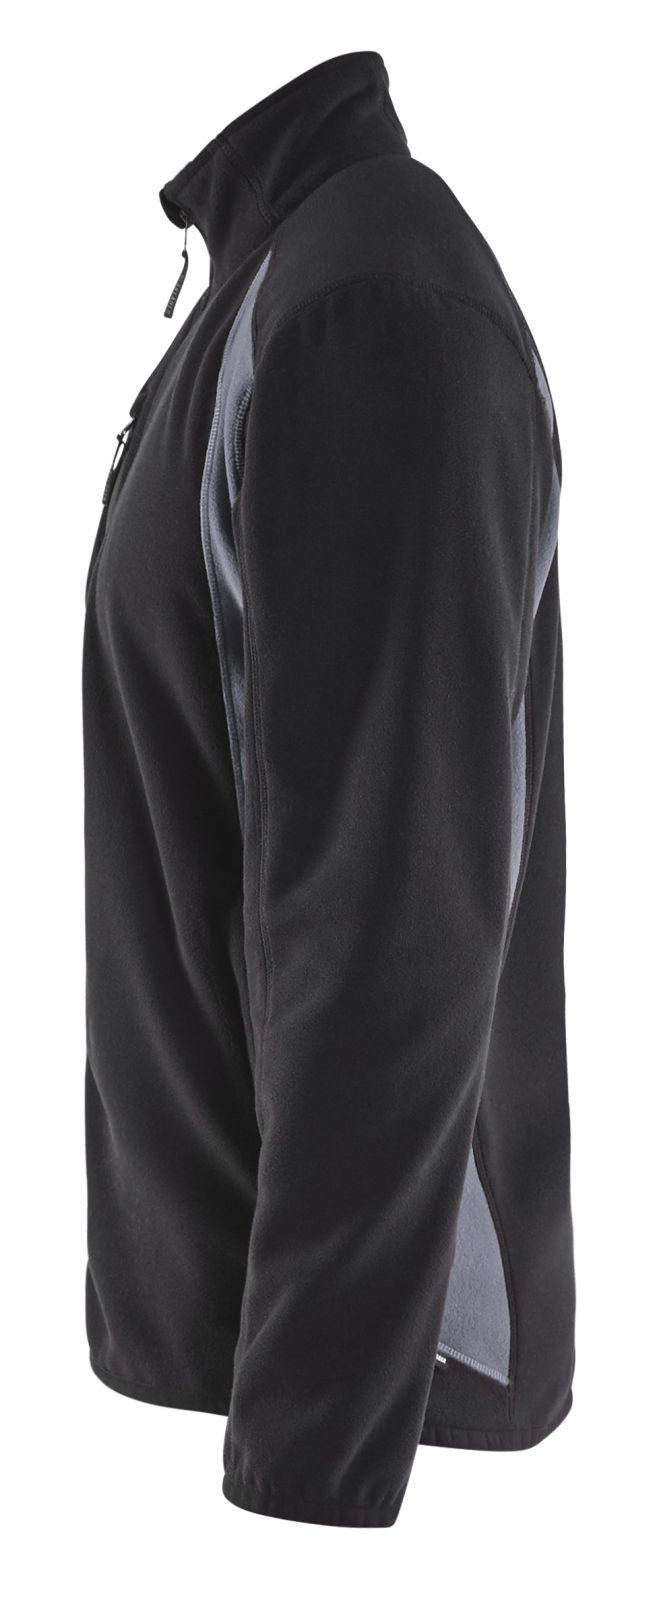 Blaklader Fleece vesten 47302510 zwart-grijs(9994)